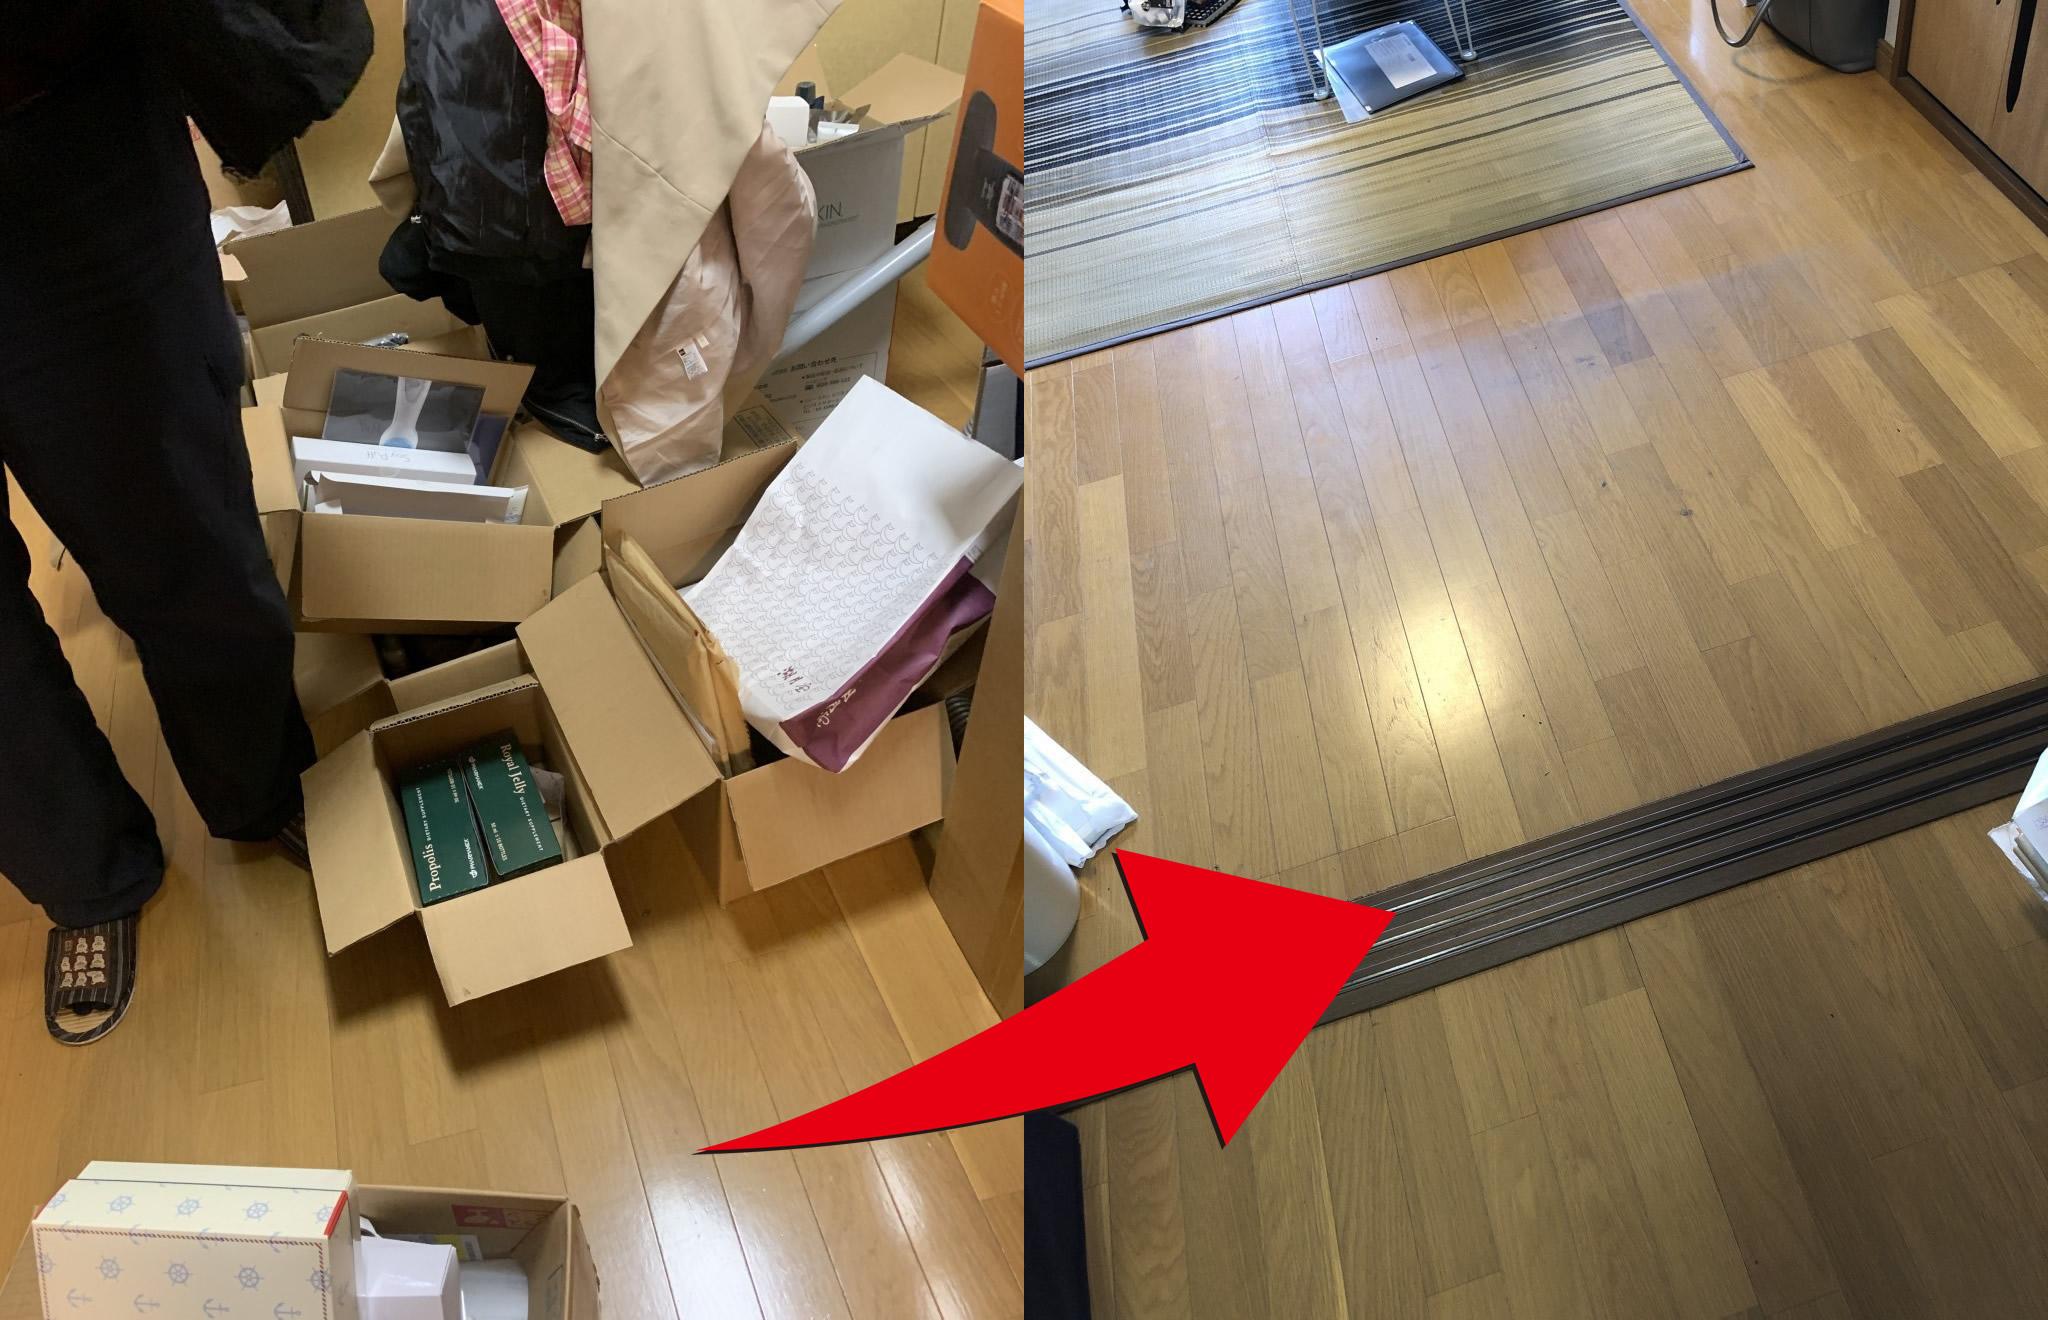 「片付けが進まず、部屋が散らかってて…」とお部屋の整理整頓と不用品処分、清掃が出来る業者をお探しだったそうです。